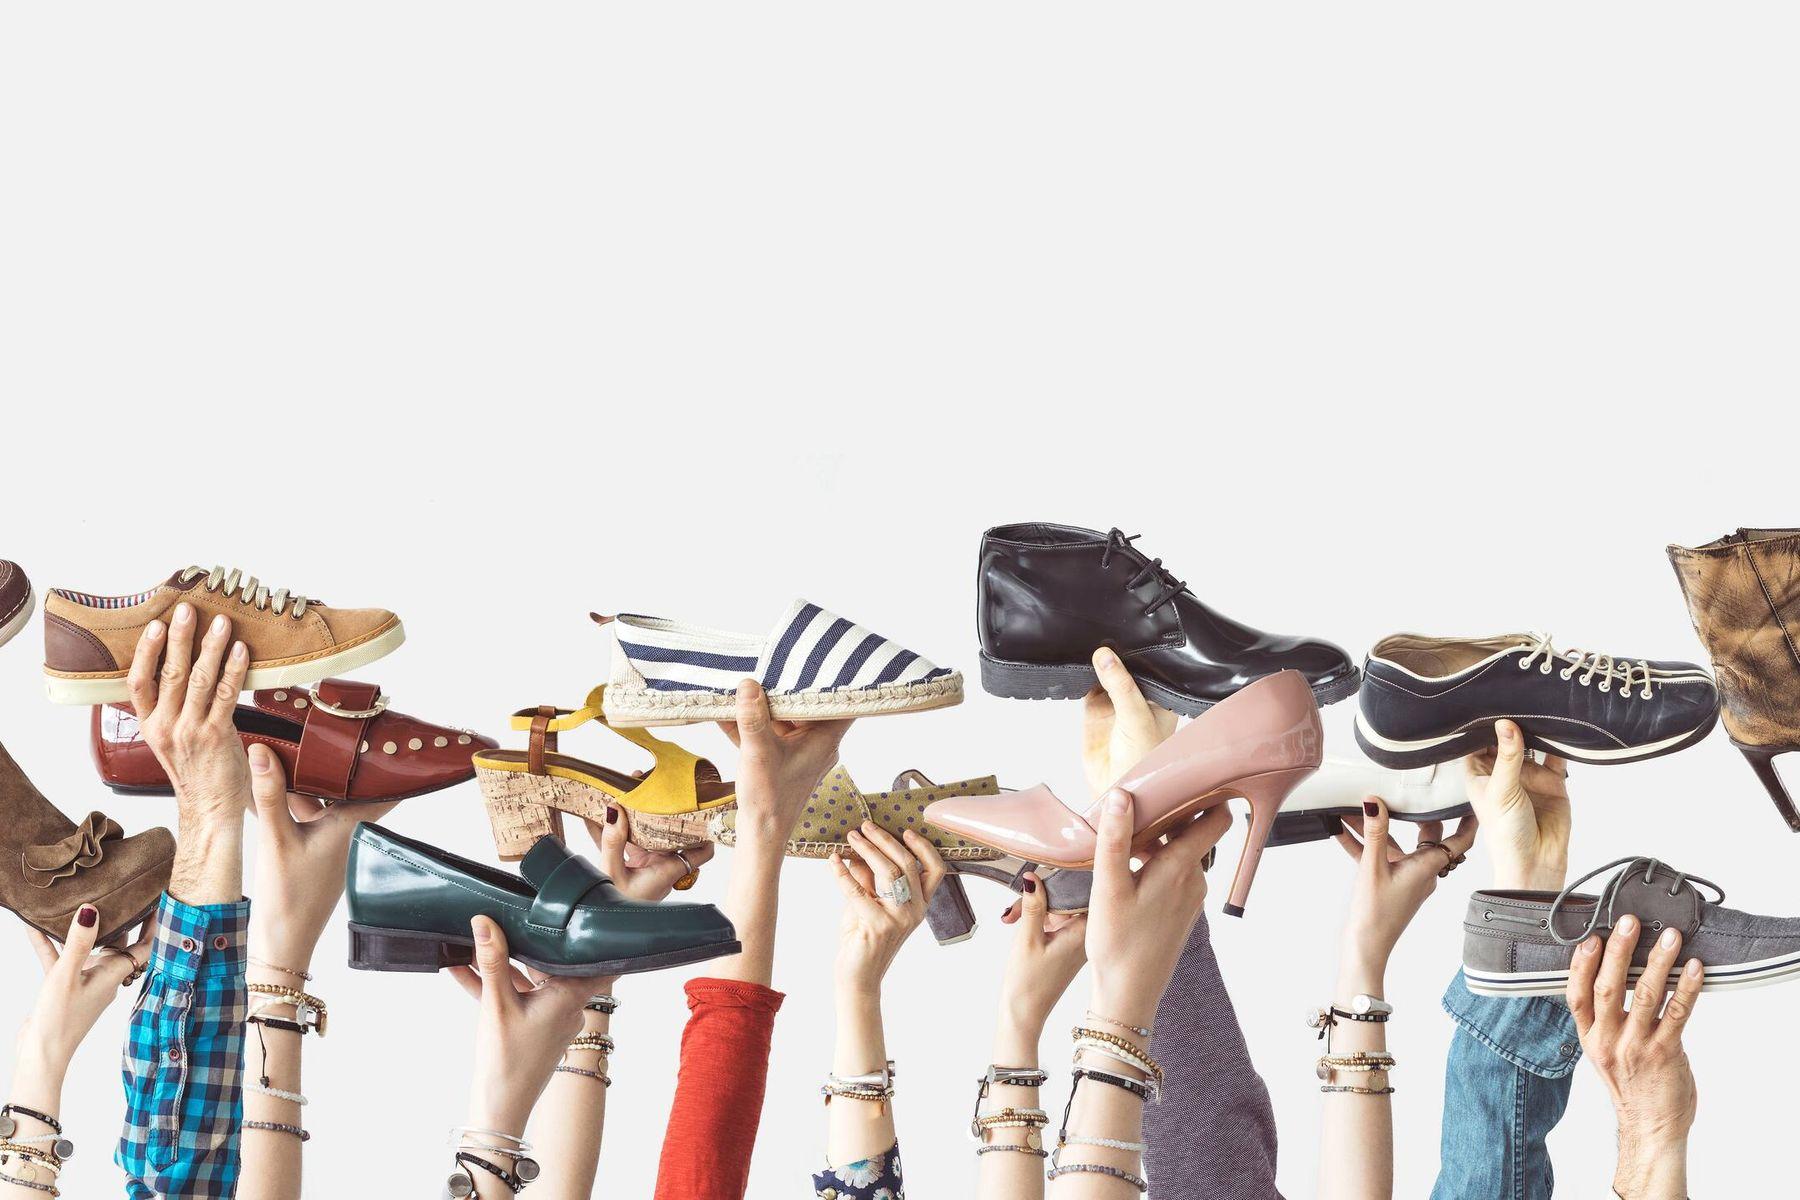 इन सुझावों को अपनाएं और अपने जूतों  उम्र बढ़ाएं !